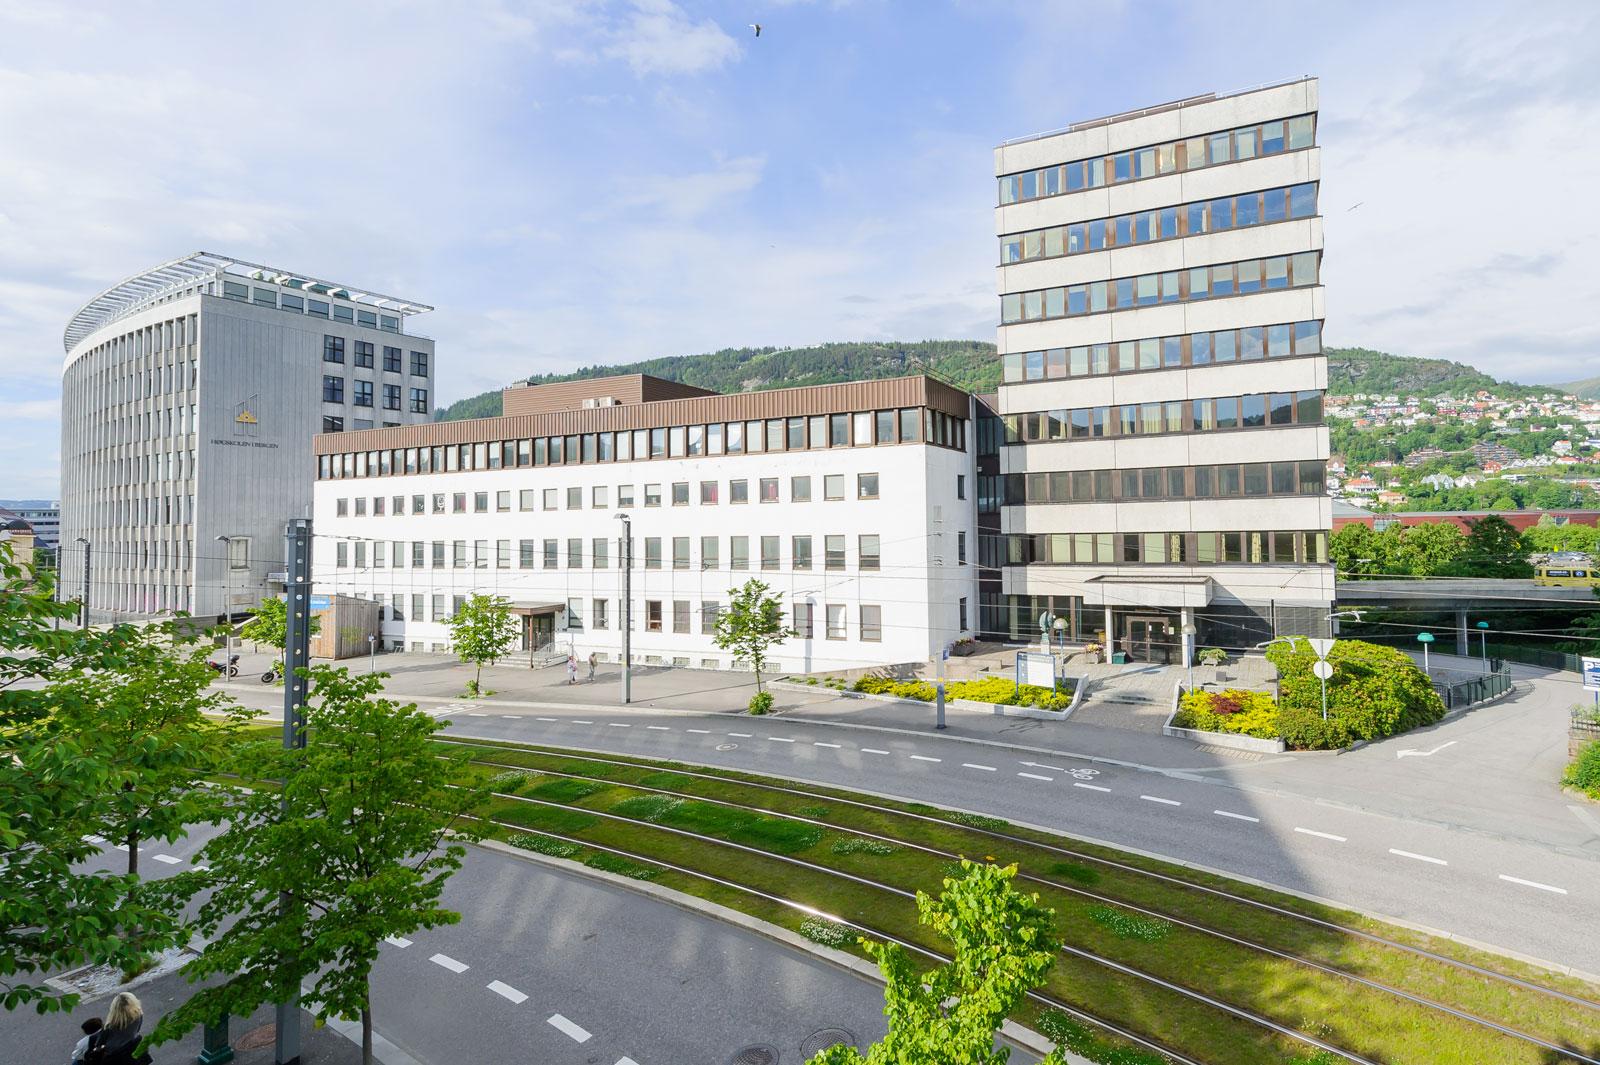 Lokaler Bergen sentrum, Nygårdsgaten